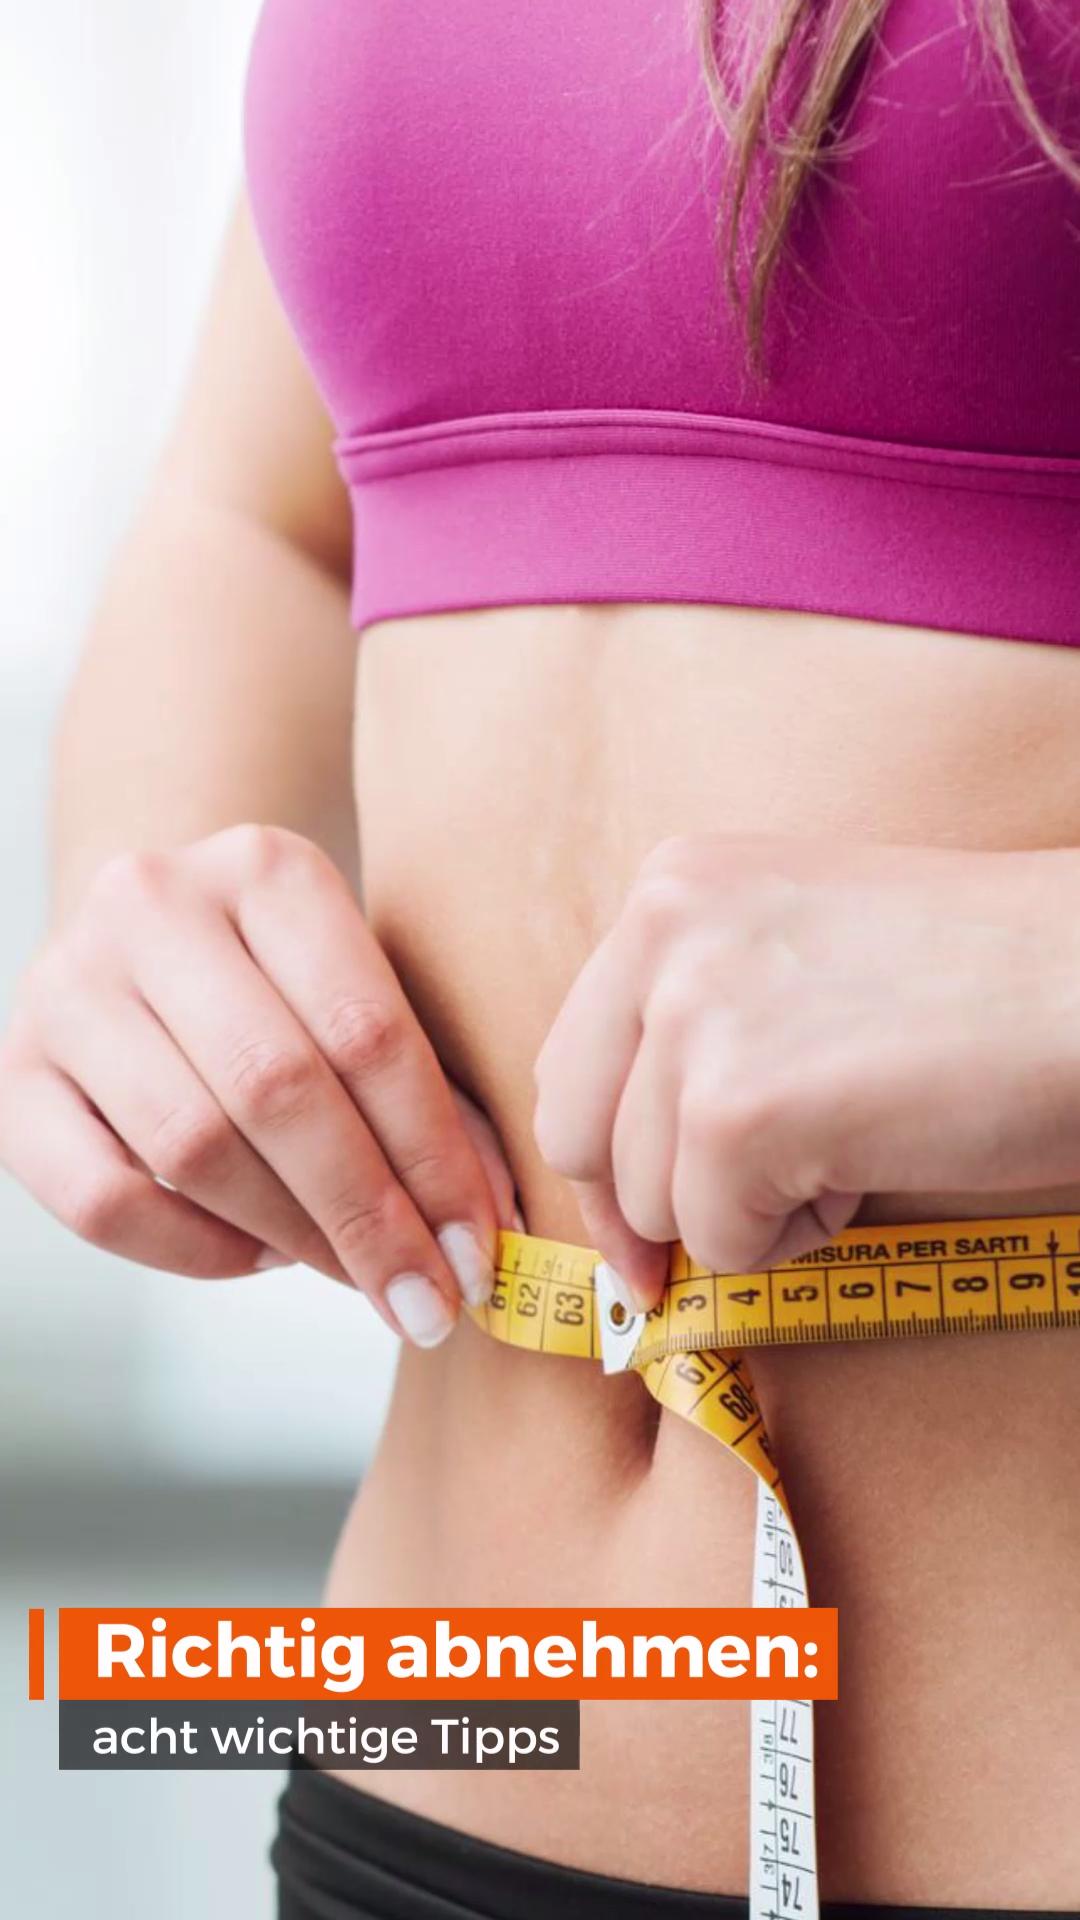 Золотые секреты похудения